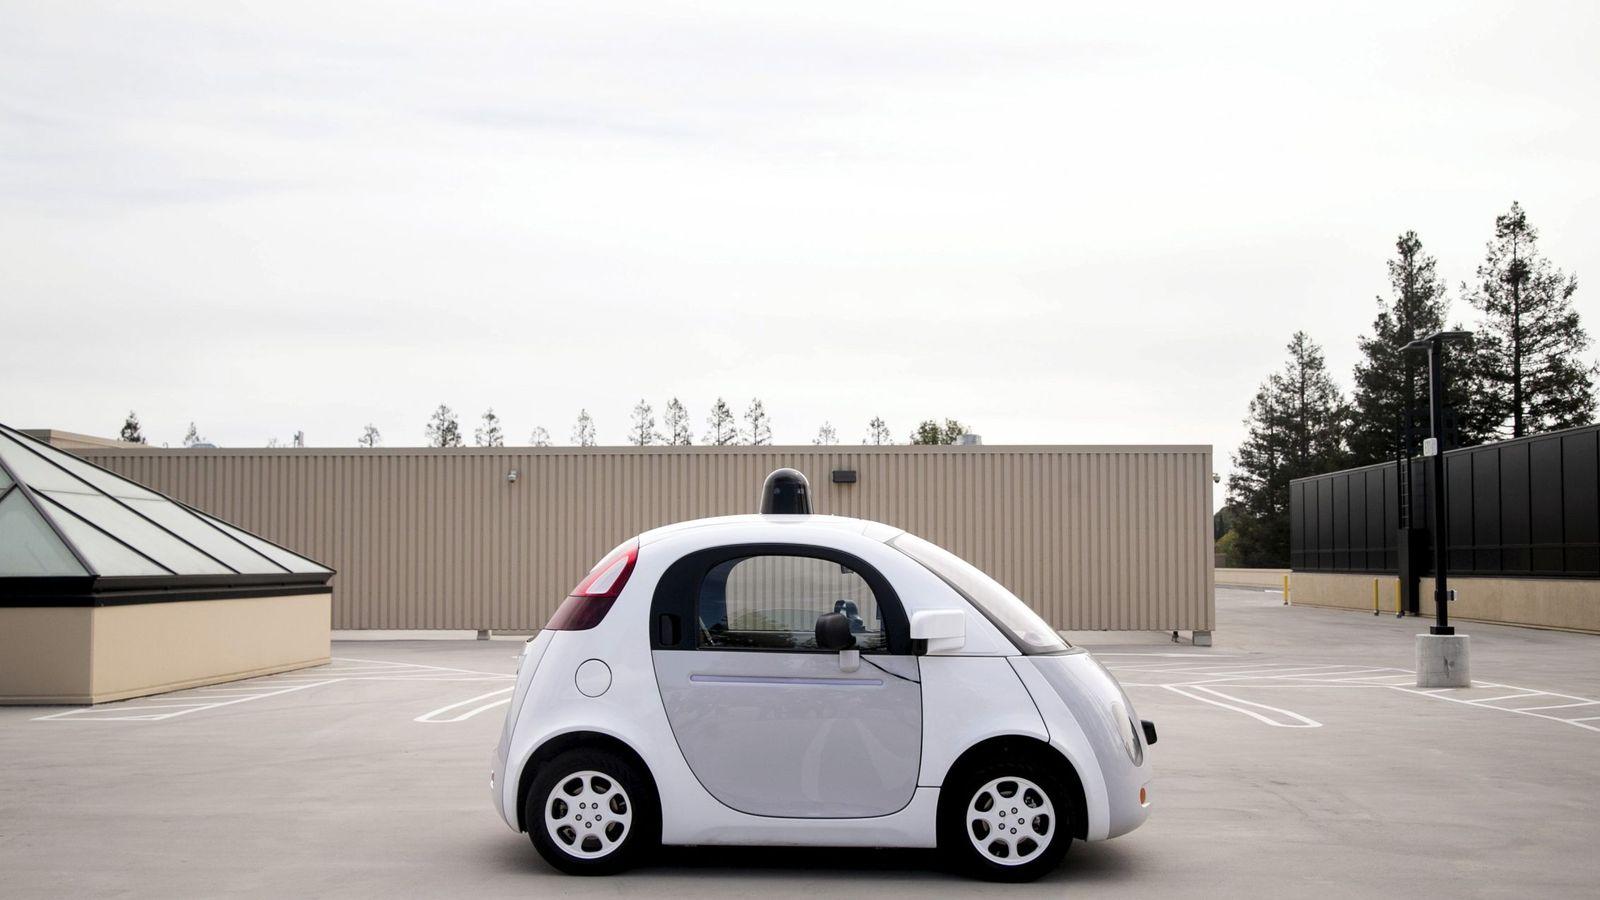 Foto: El coche autónomo de Google analiza el entorno con una tecnología diferente a la de Tesla. (Reuters)